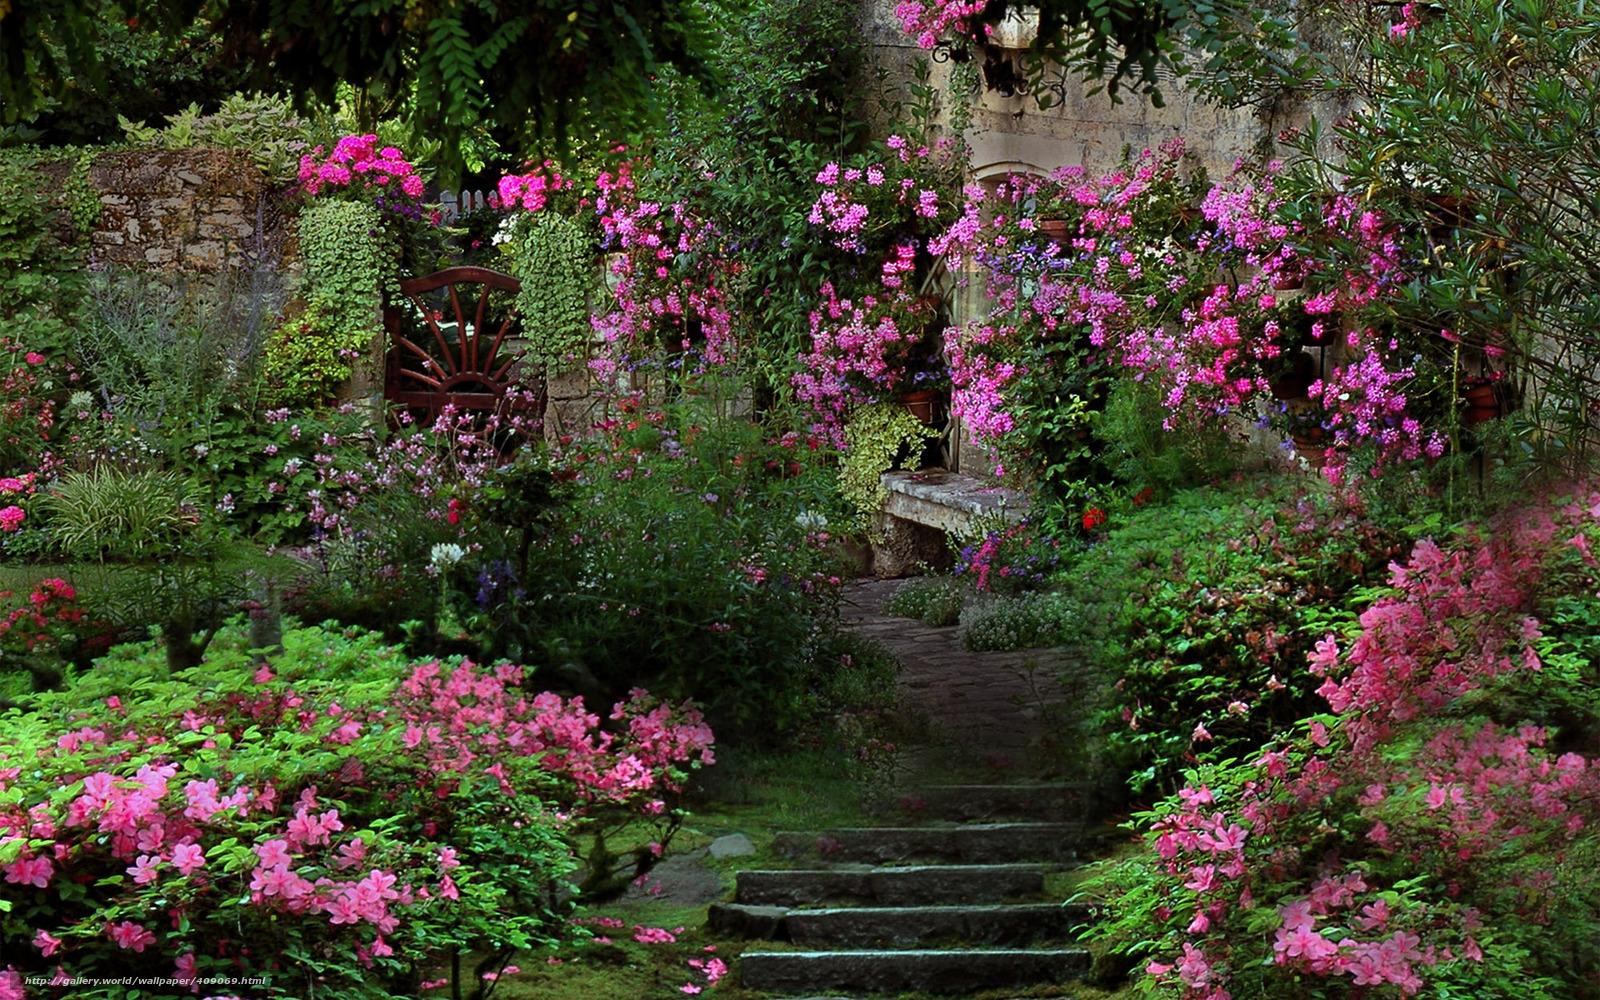 Скачать обои сад лестница цветы